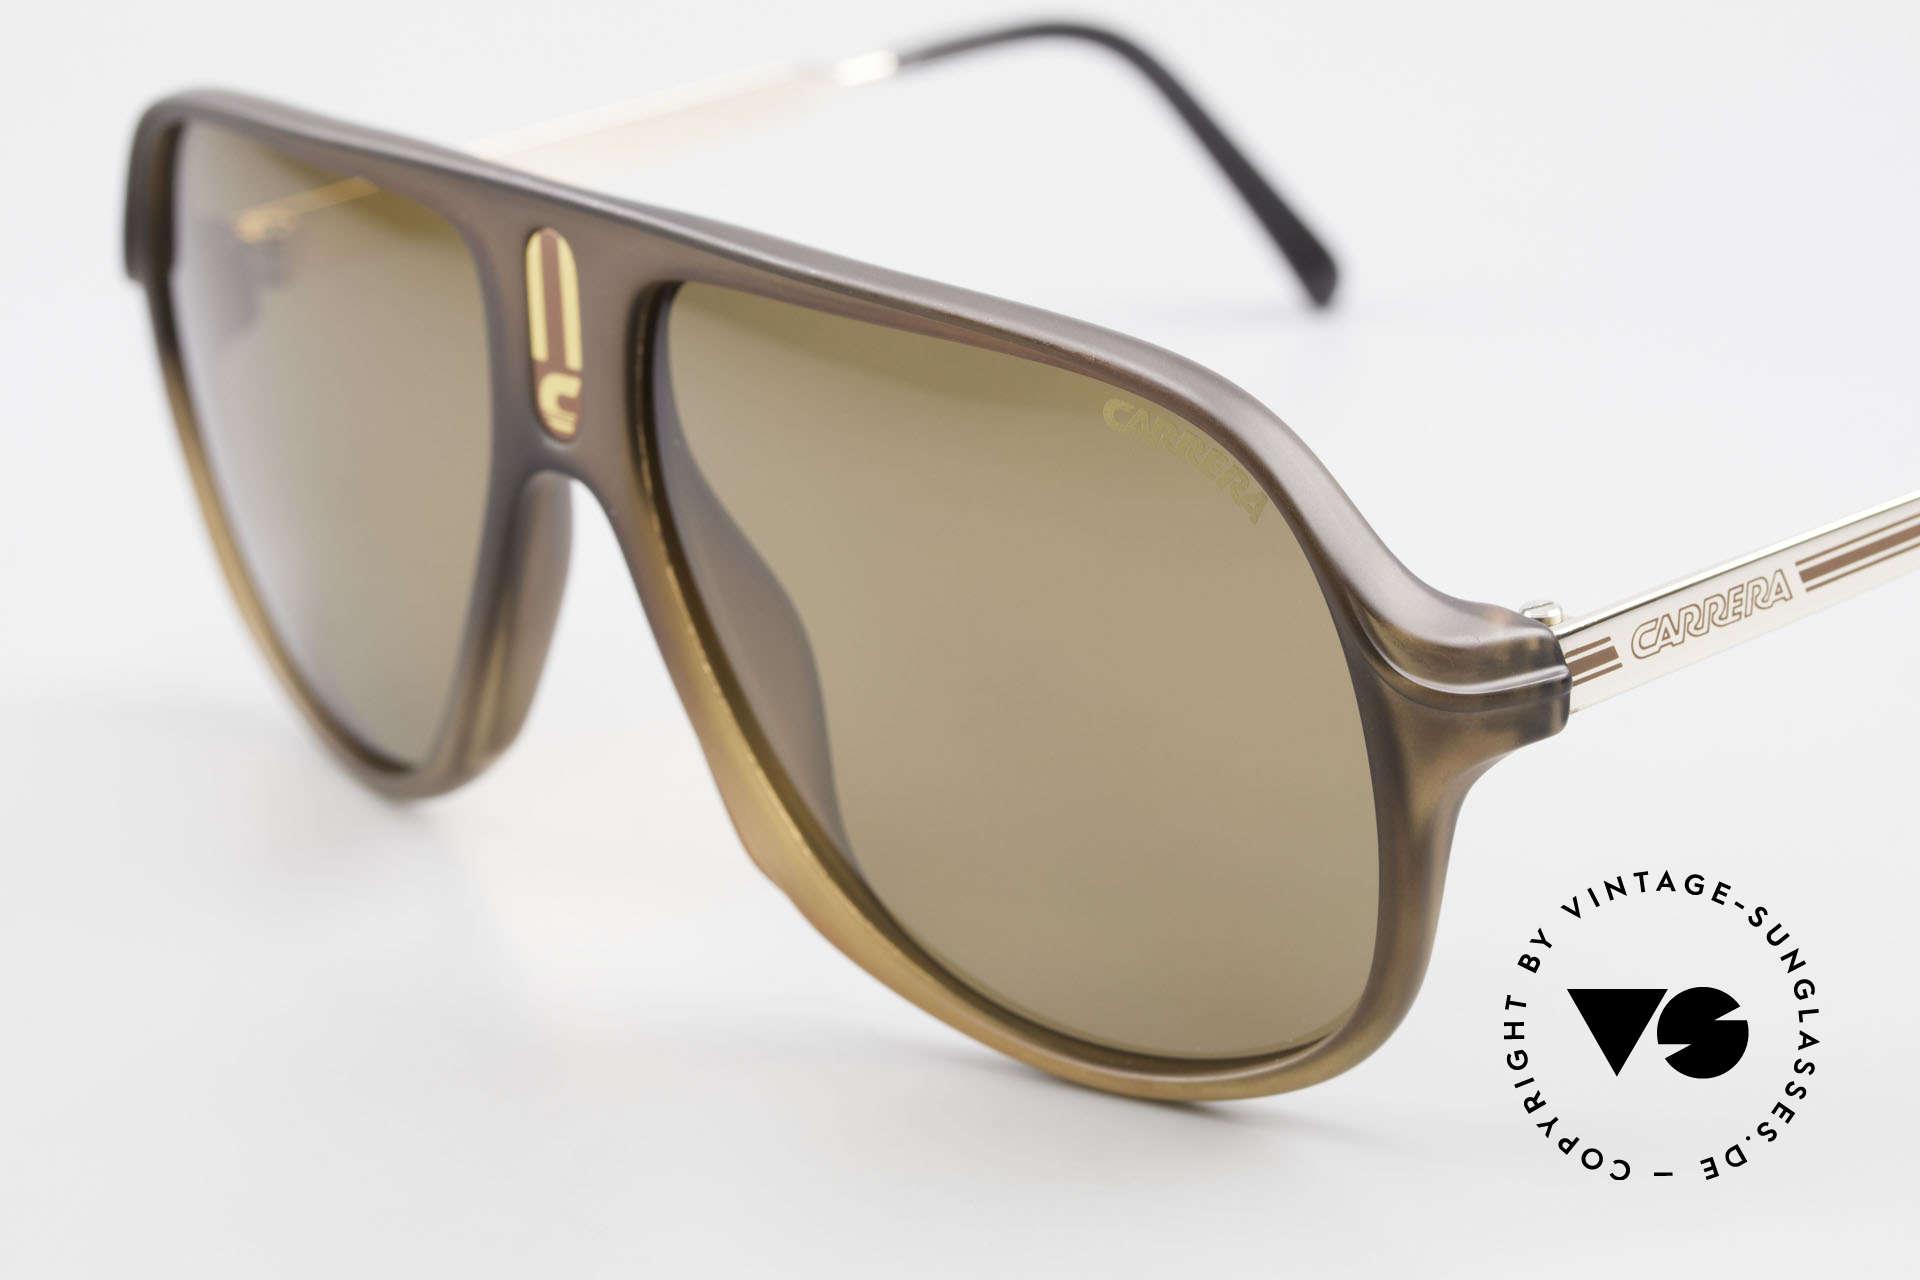 Carrera 5547 Polarisierende Sonnenbrille, Herren-Modell in 145mm Breite (XL vintage Brille), Passend für Herren